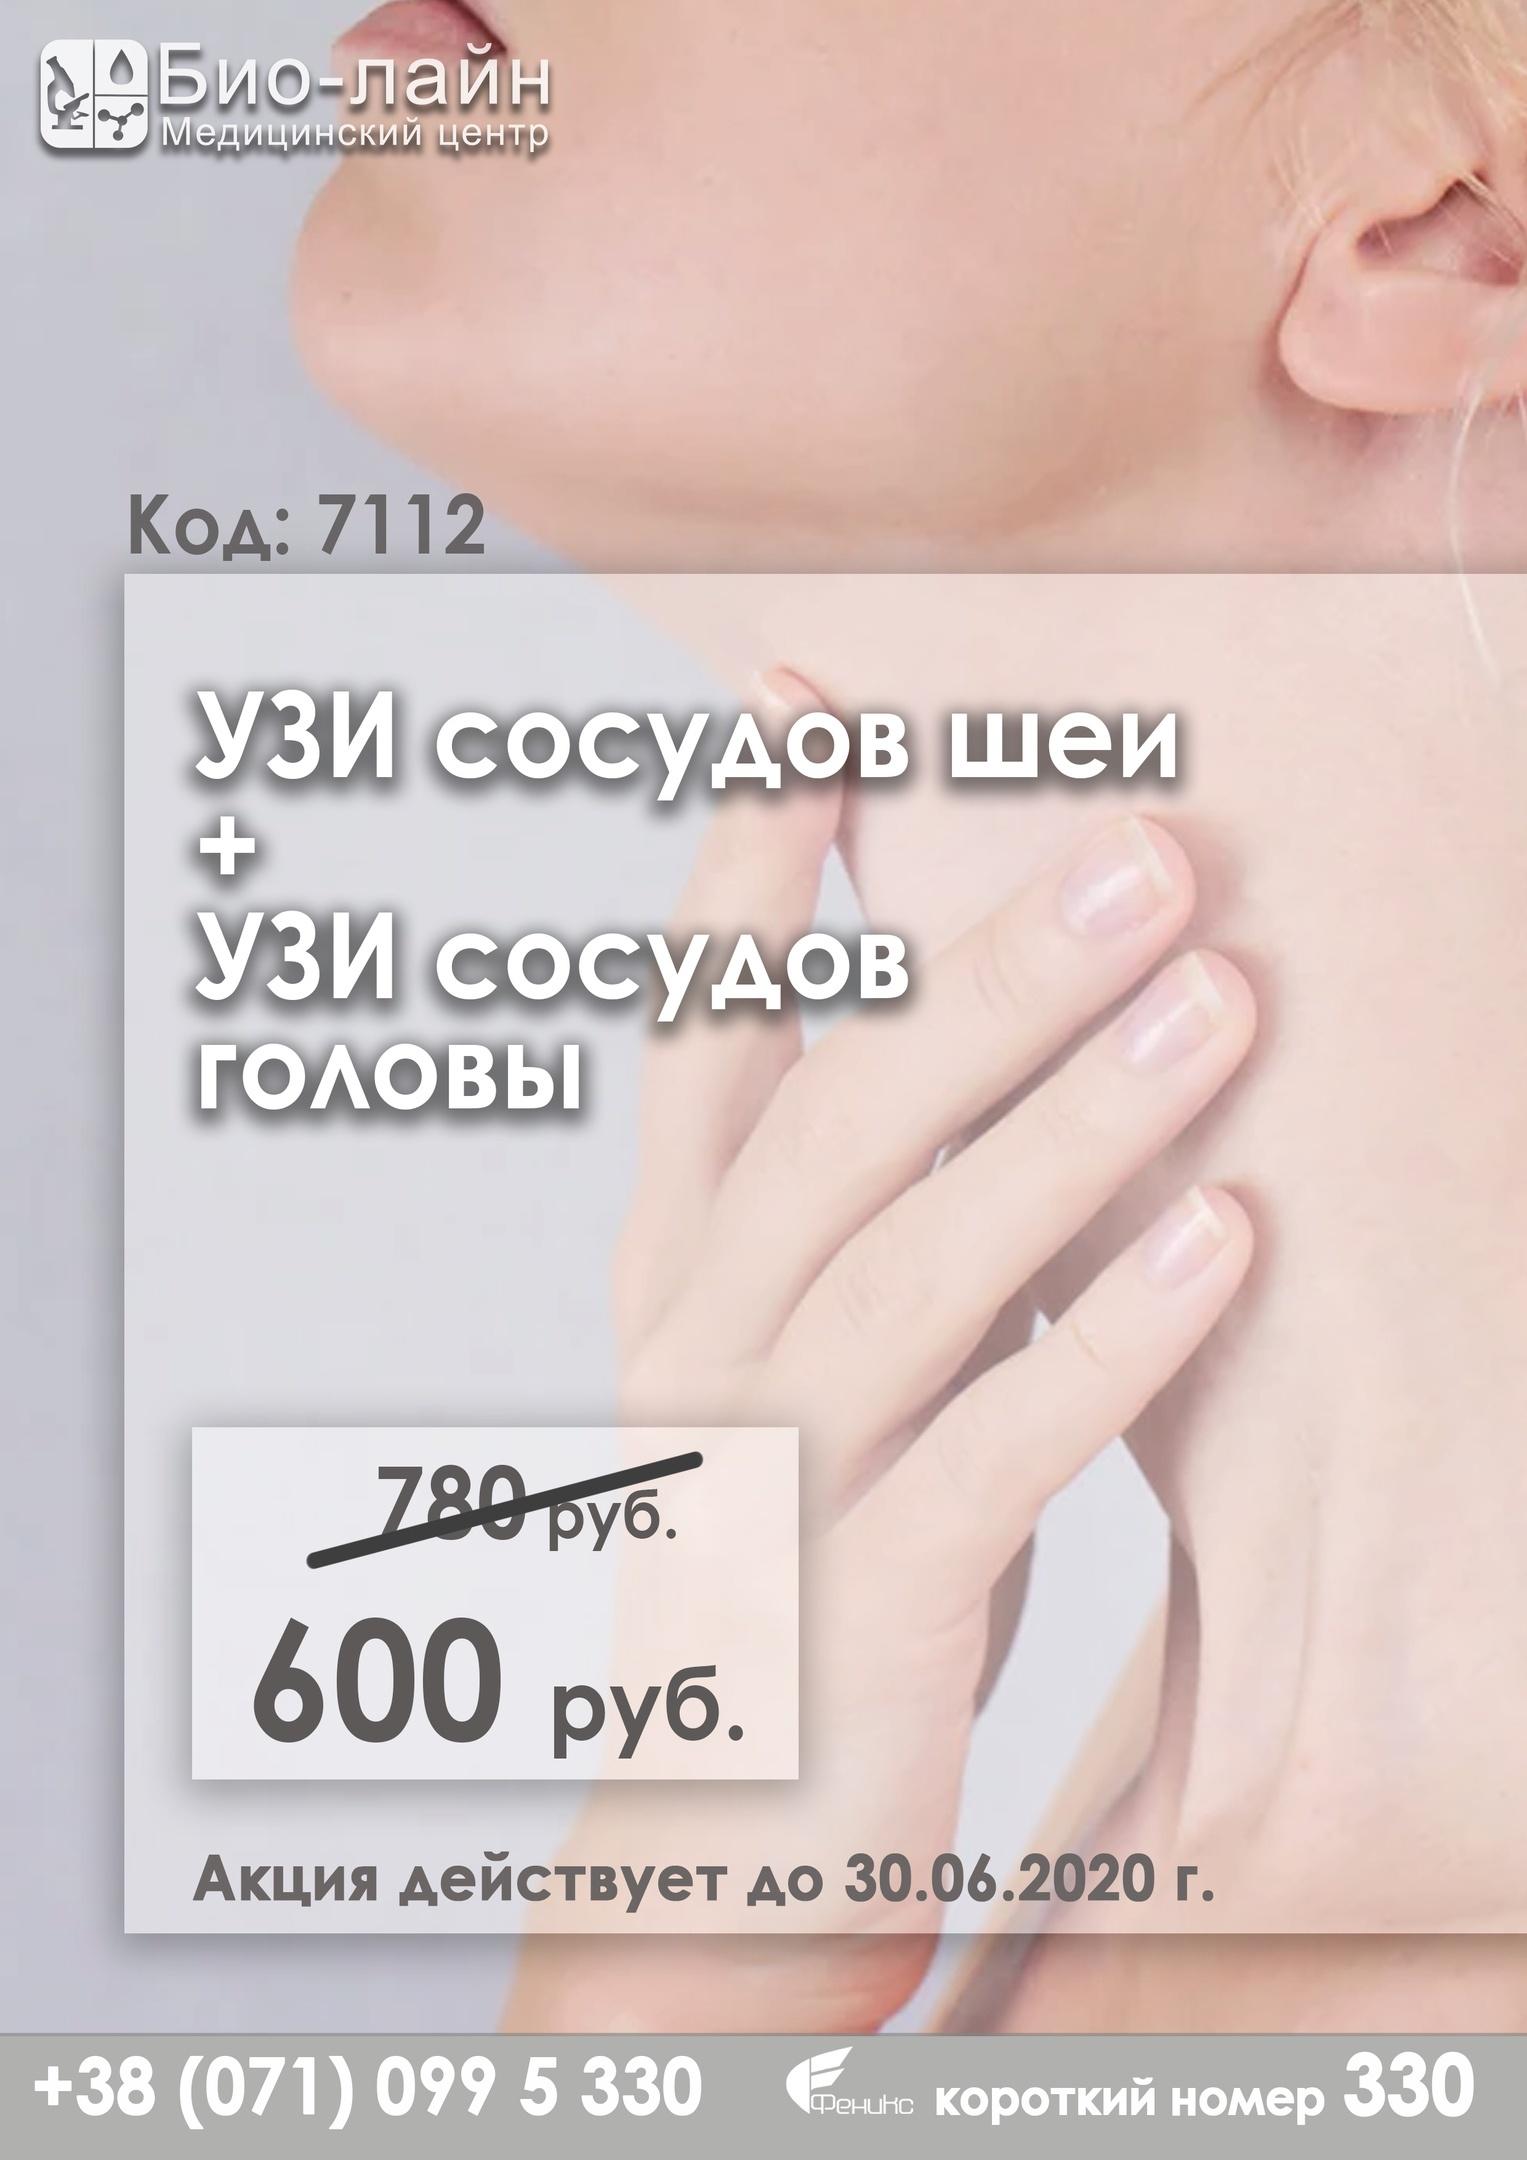 jTKgK5r2380